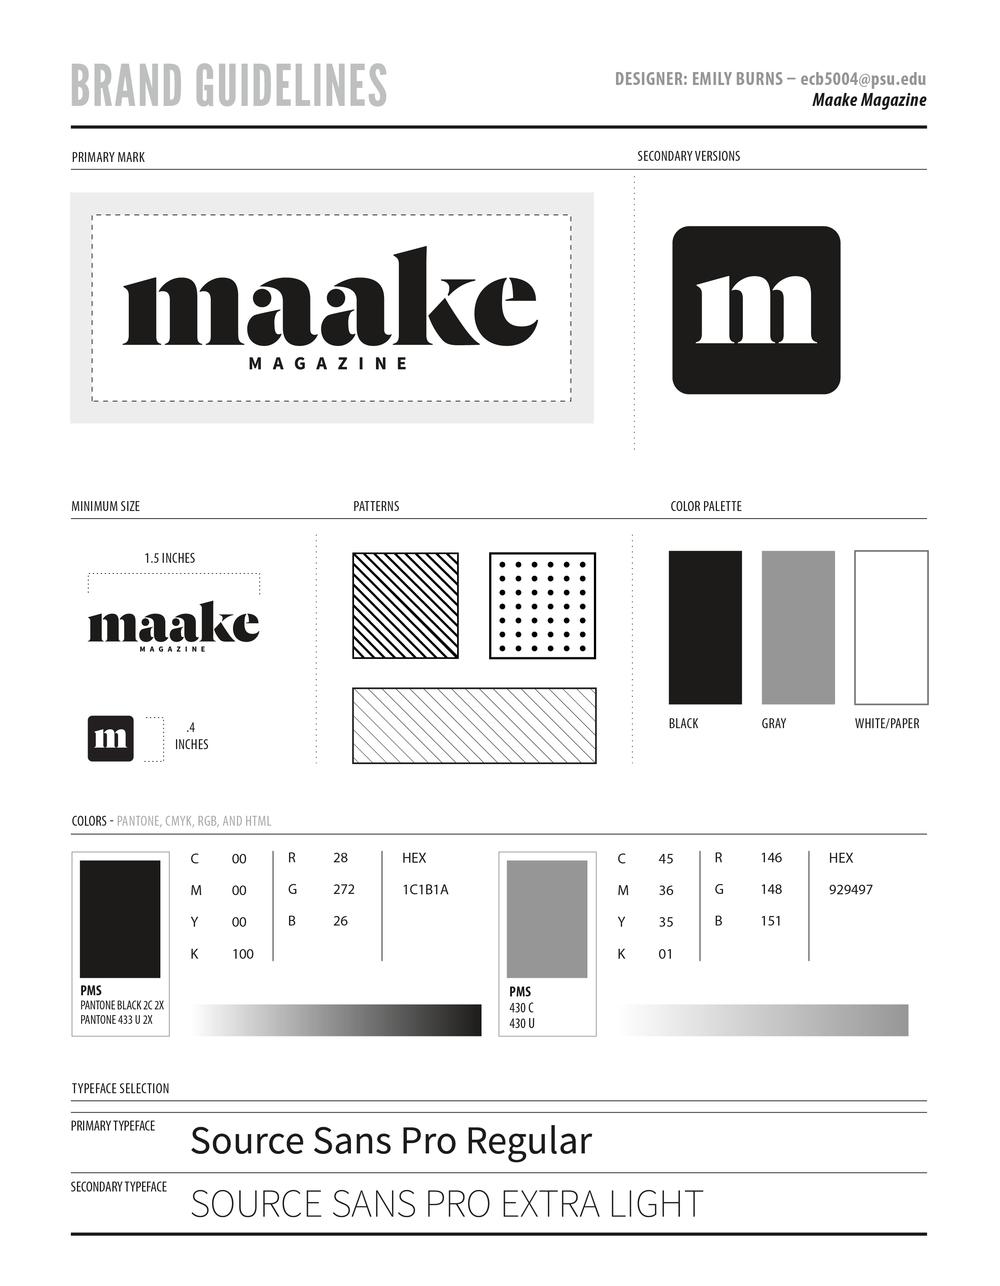 Maake Magazine brand guidelines